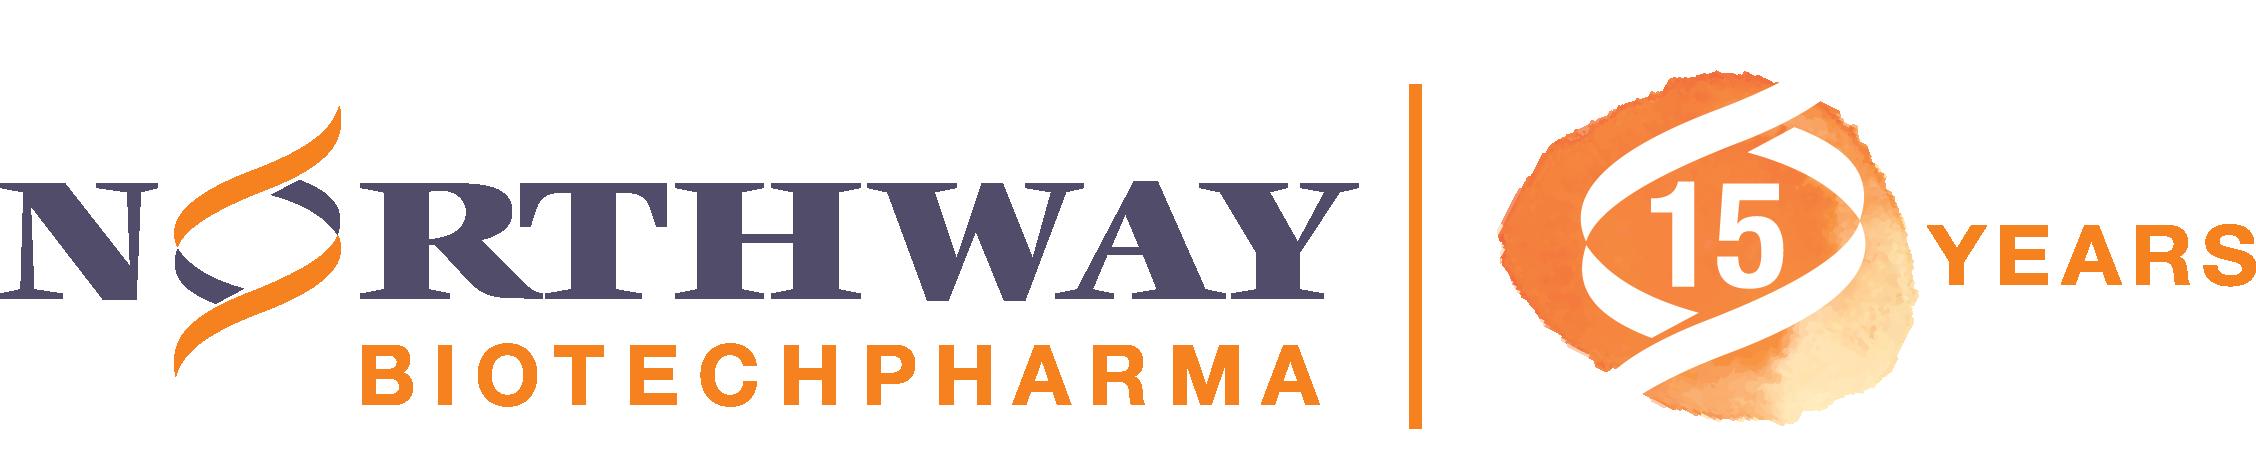 NW_BT_15YR.Logo